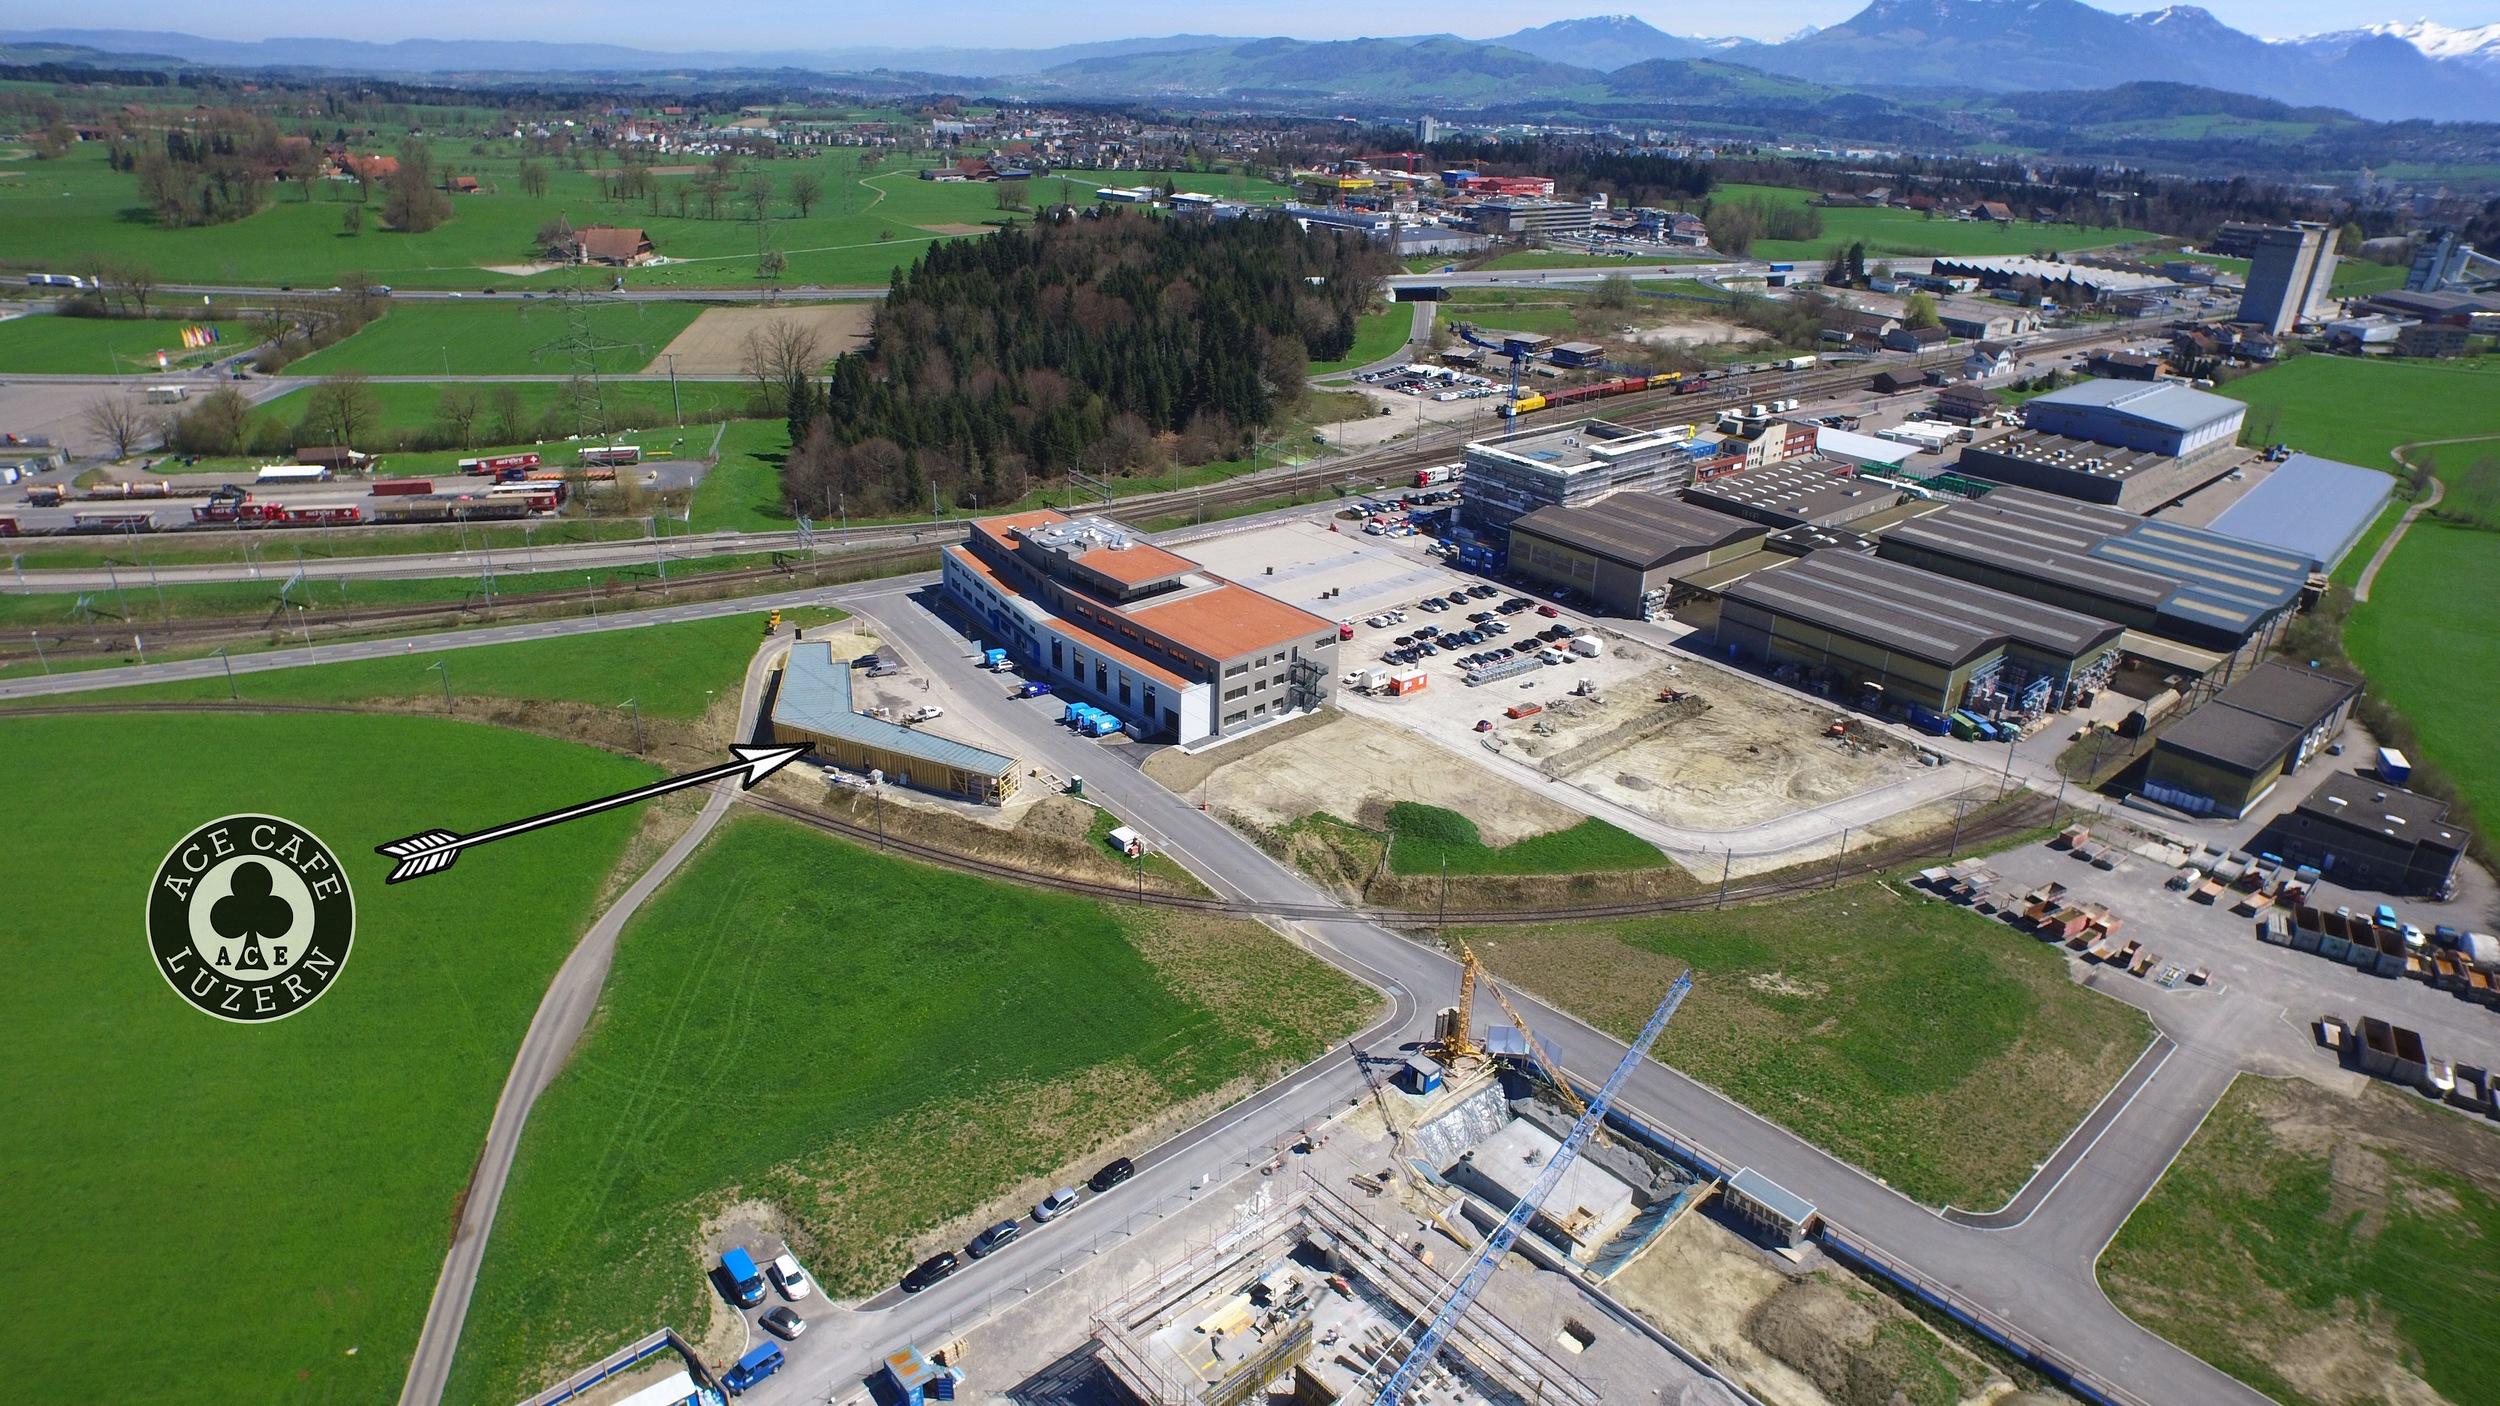 Drohnenfoto 1_FB.jpg